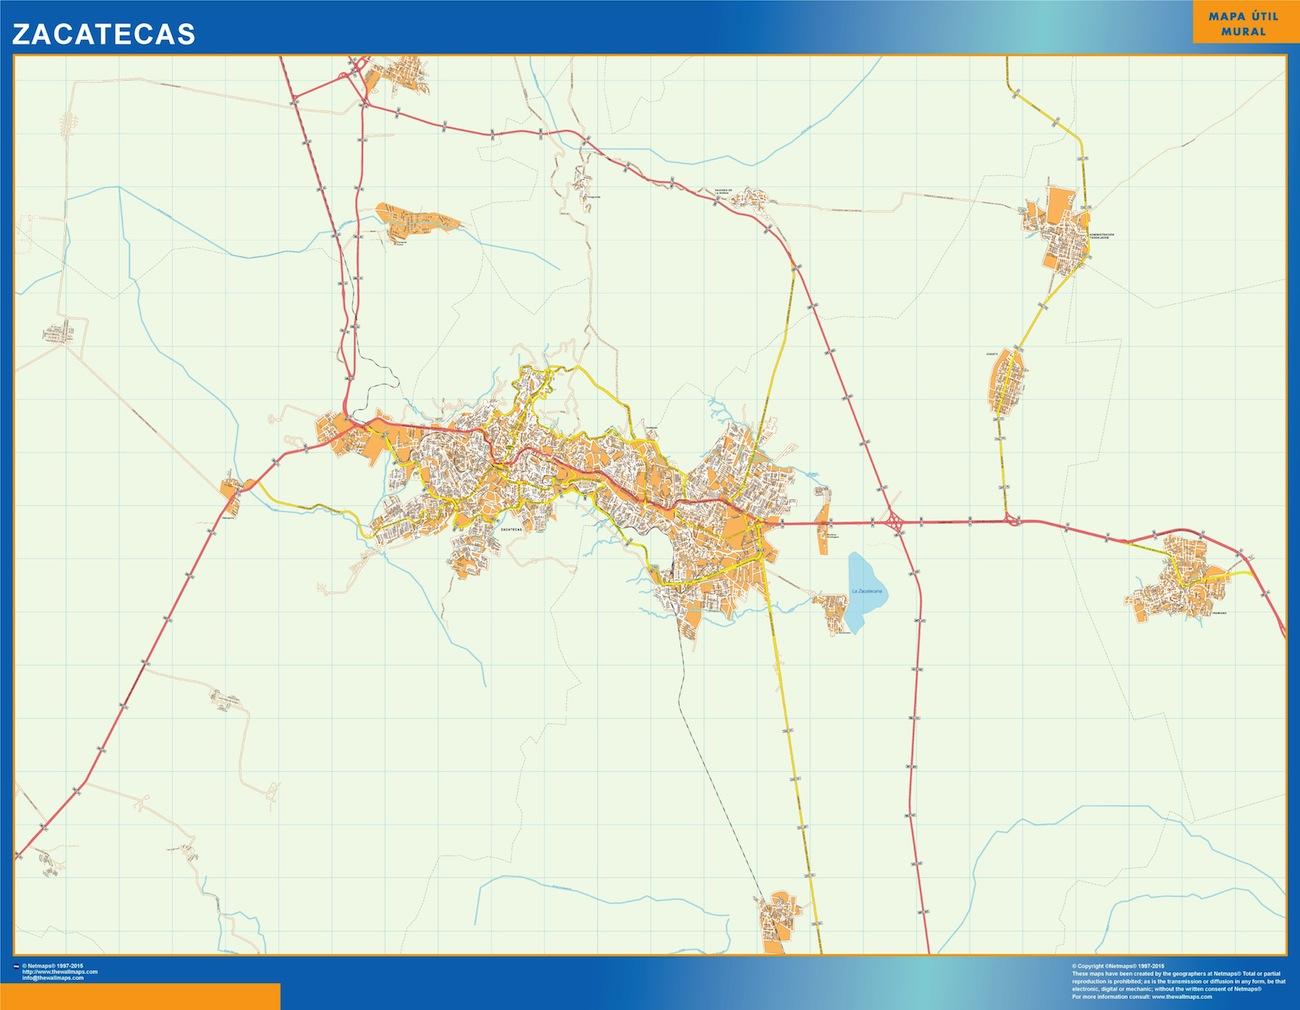 Mapa Zacatecas en Mexico plastificado gigante